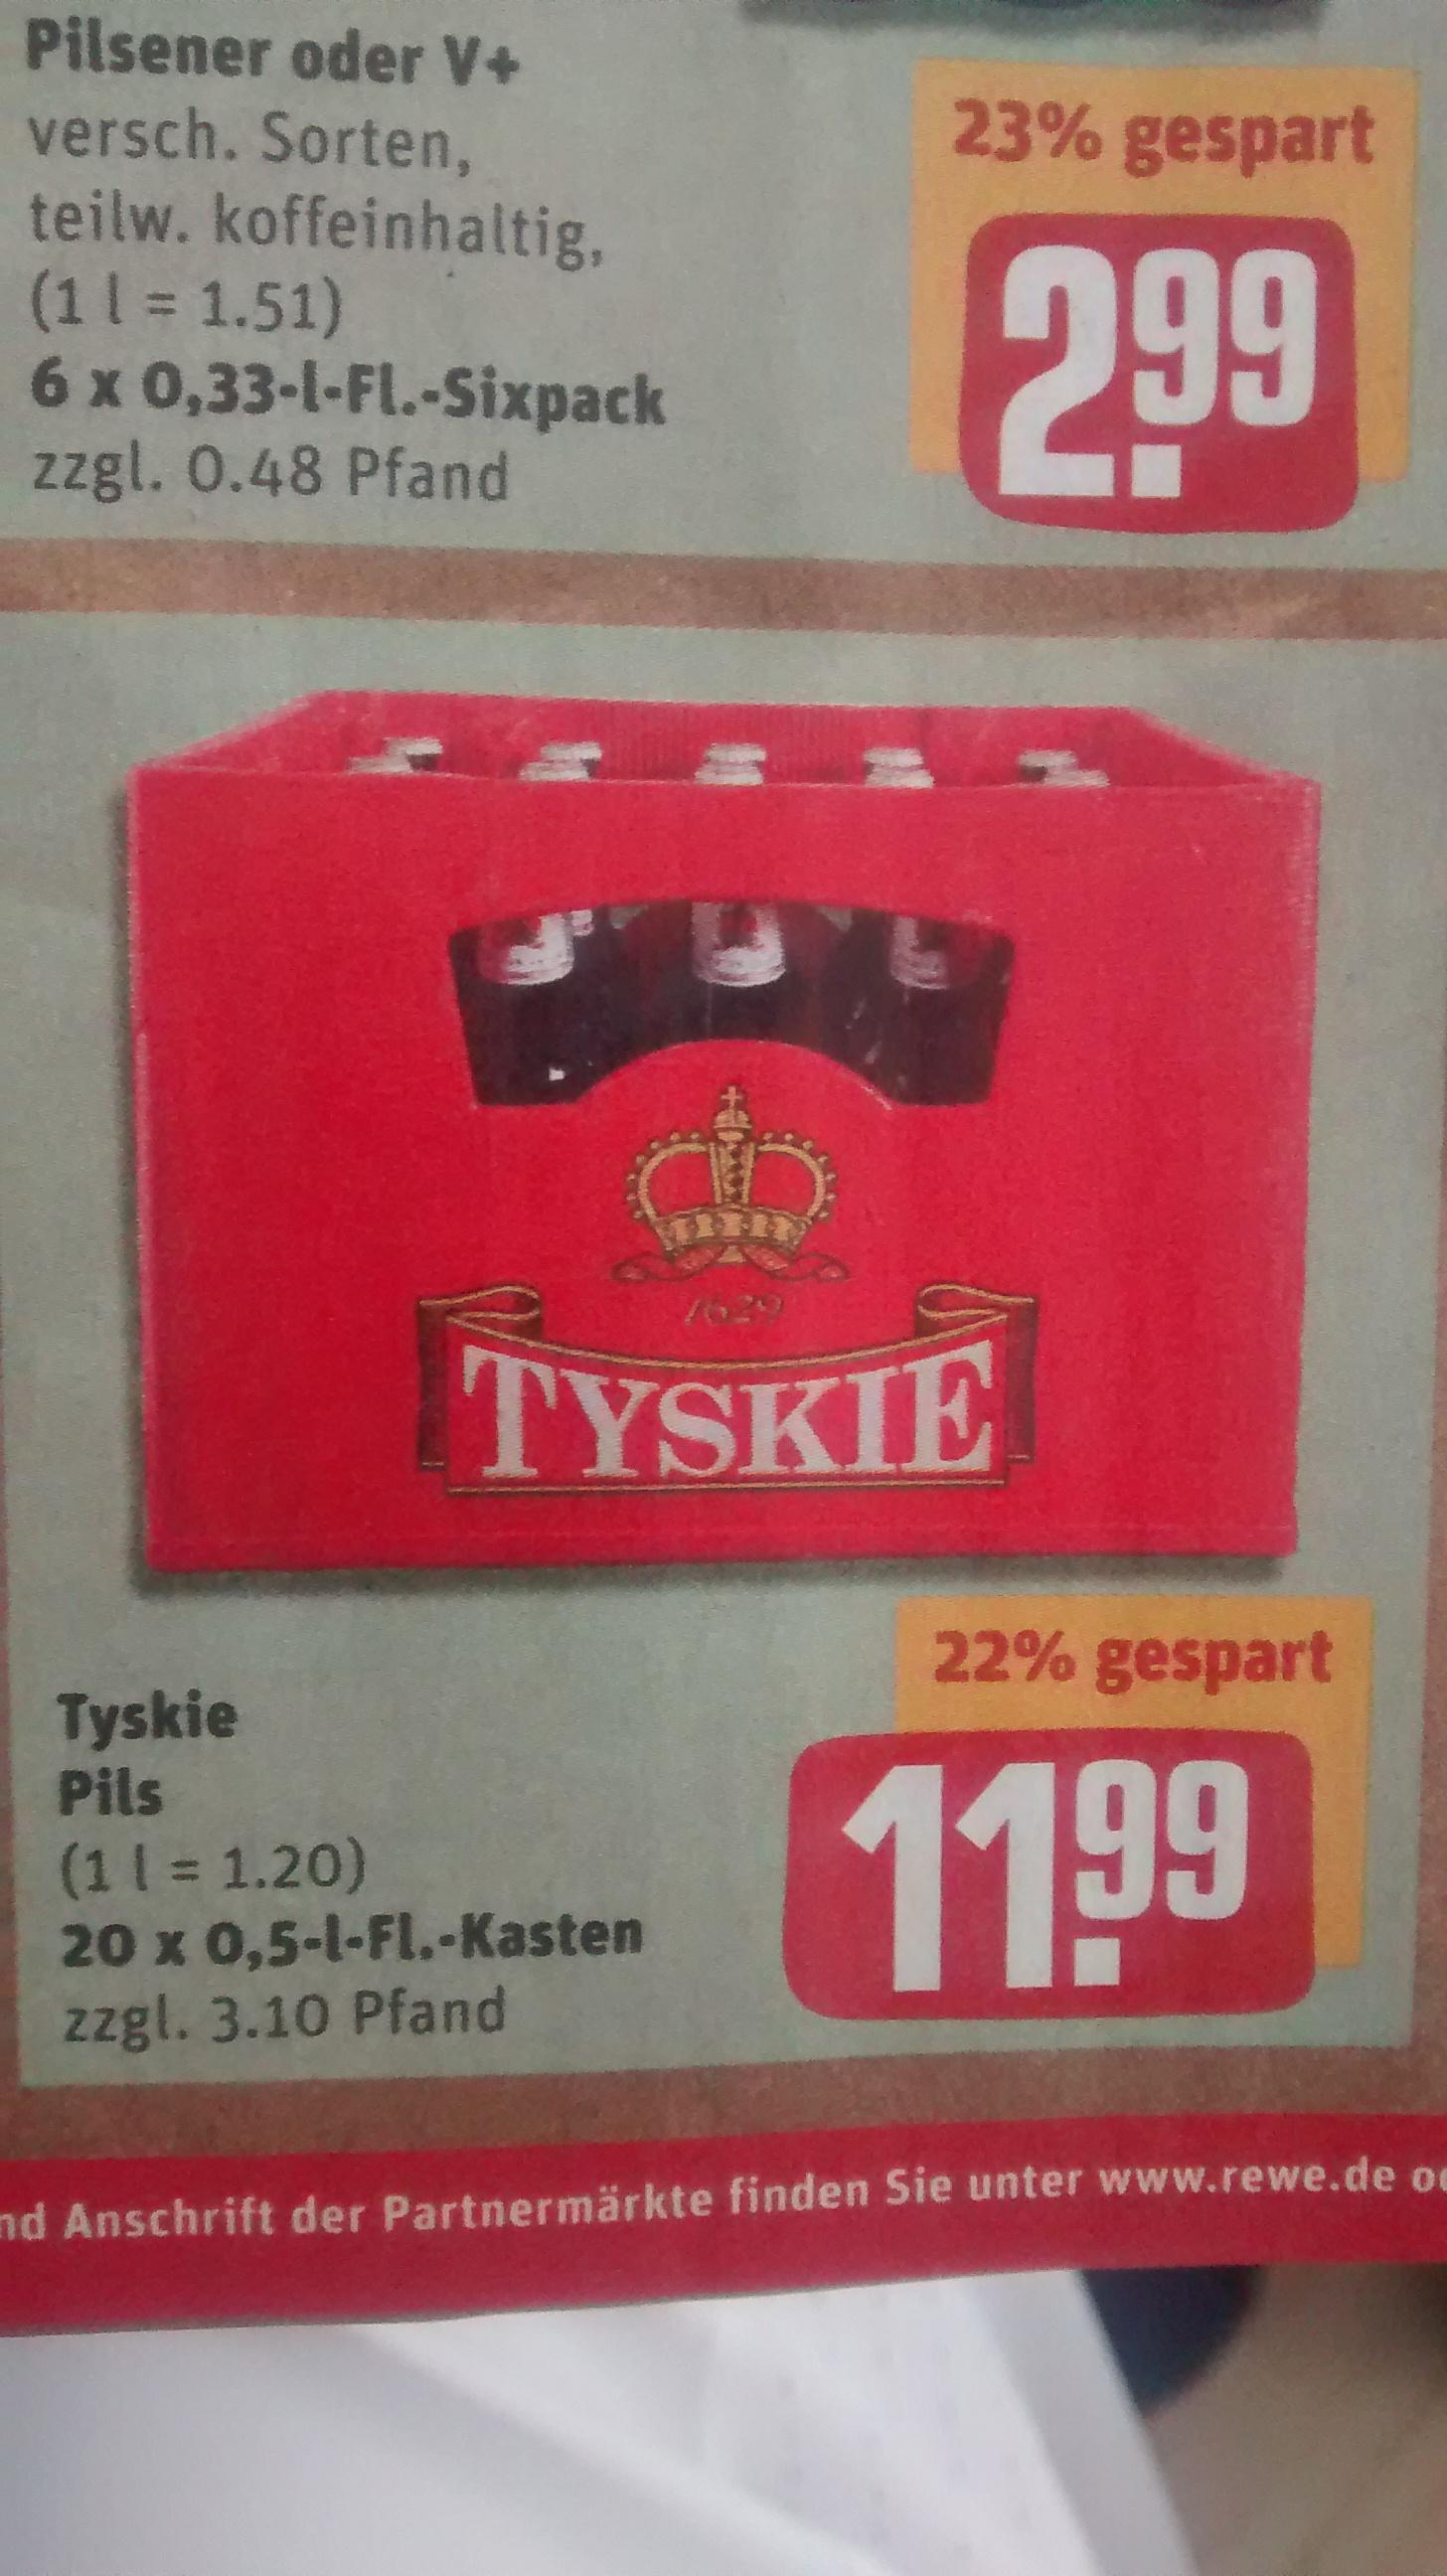 Kiste TYSKIE BIER @Rewe Markt 11,99€ / 1L = 1,20 Euro evtl. Retro-Tasche bei Tyskie-pils.de